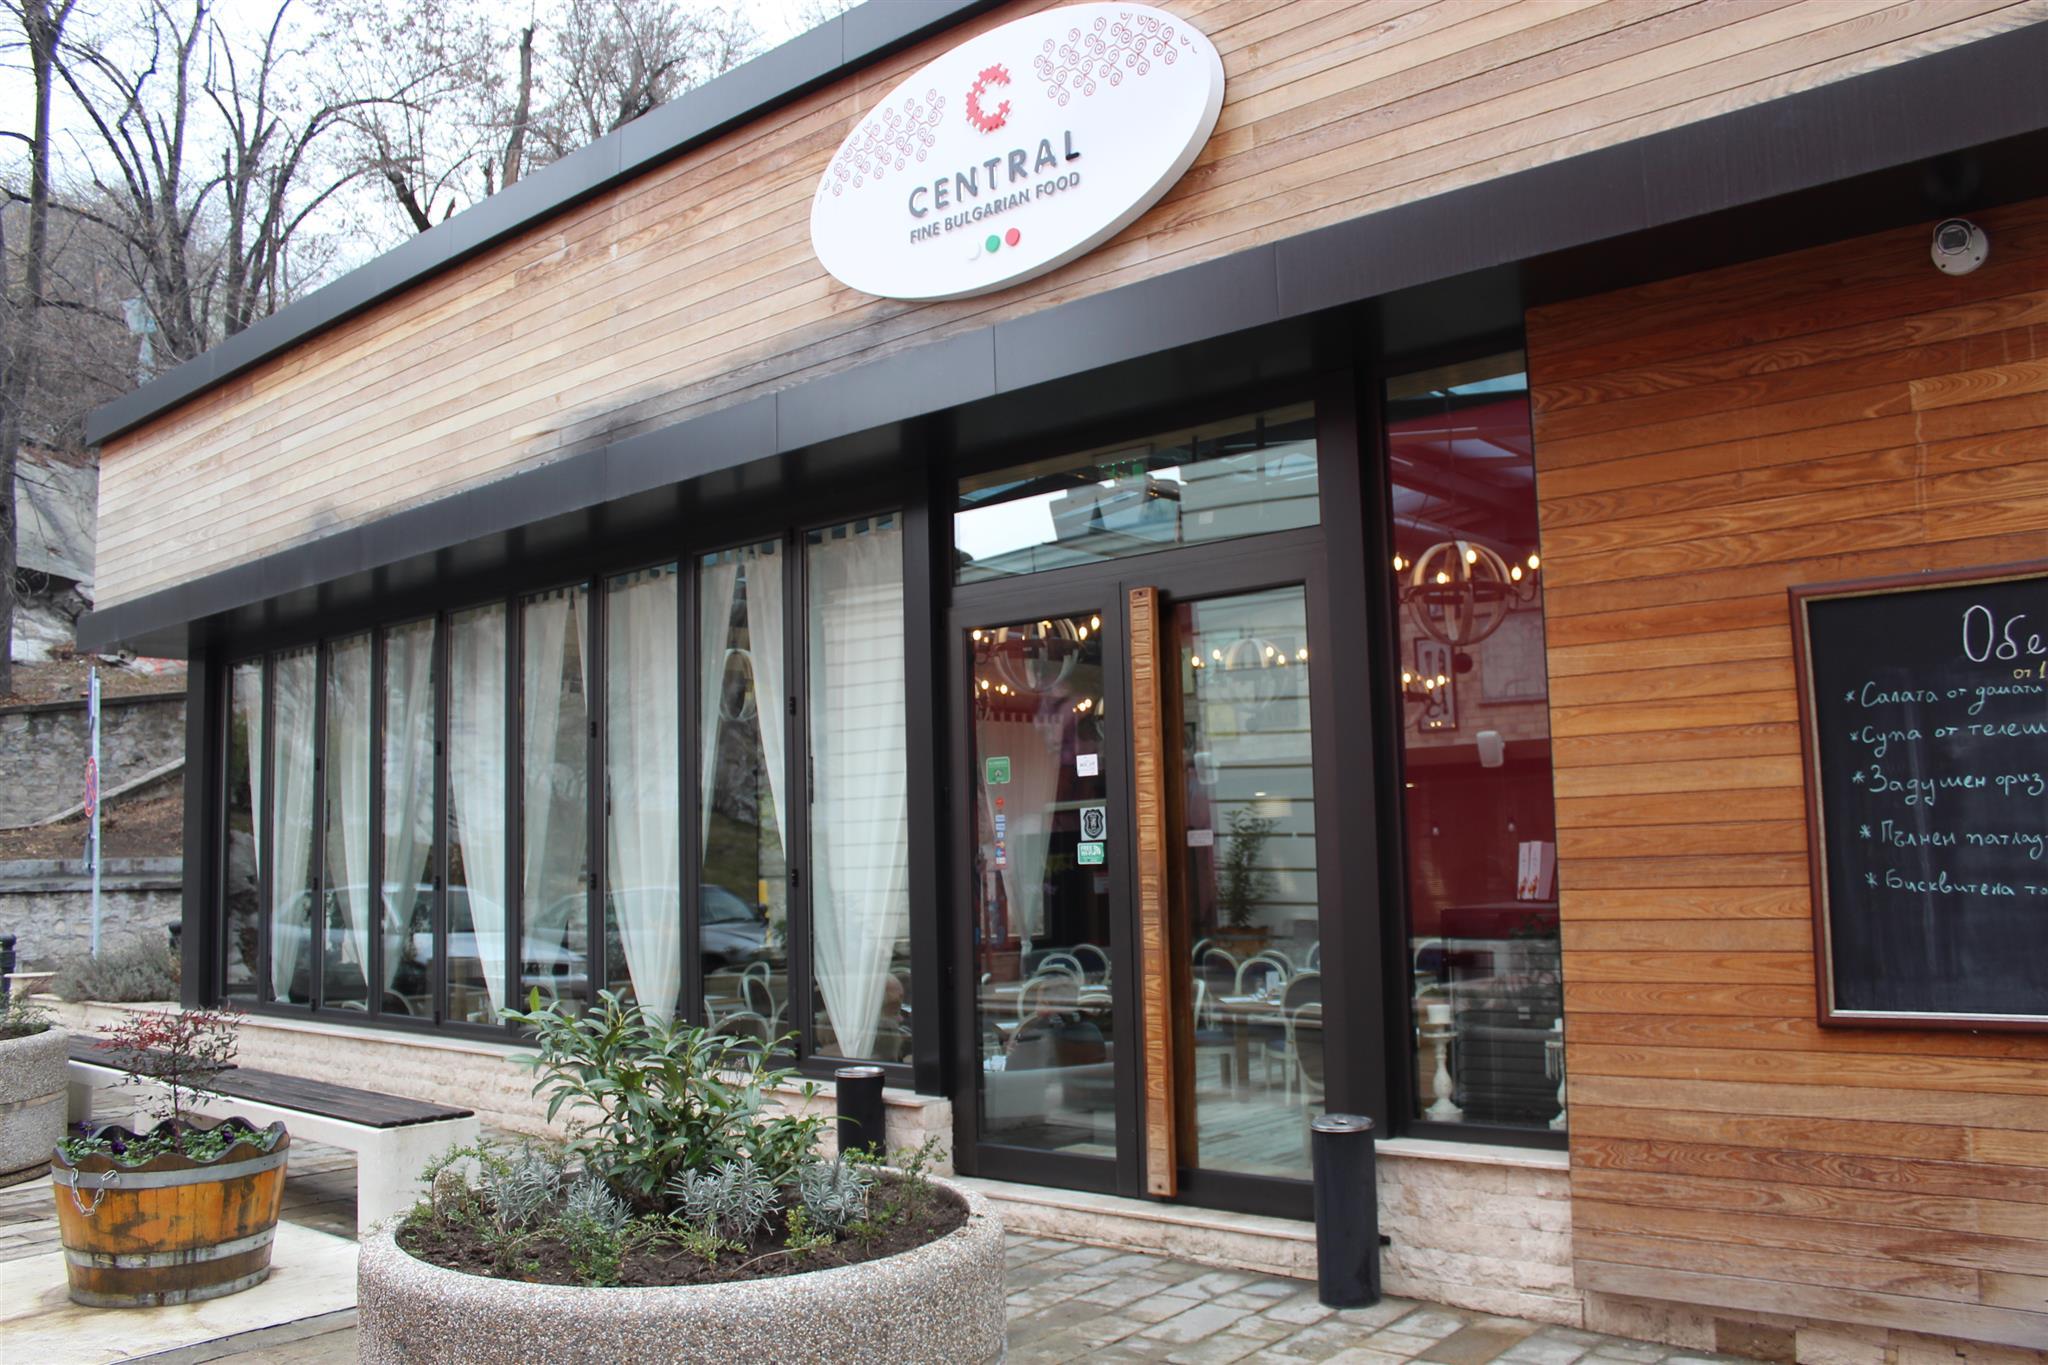 Restorant Central Svet Po Turizm Plovdiv